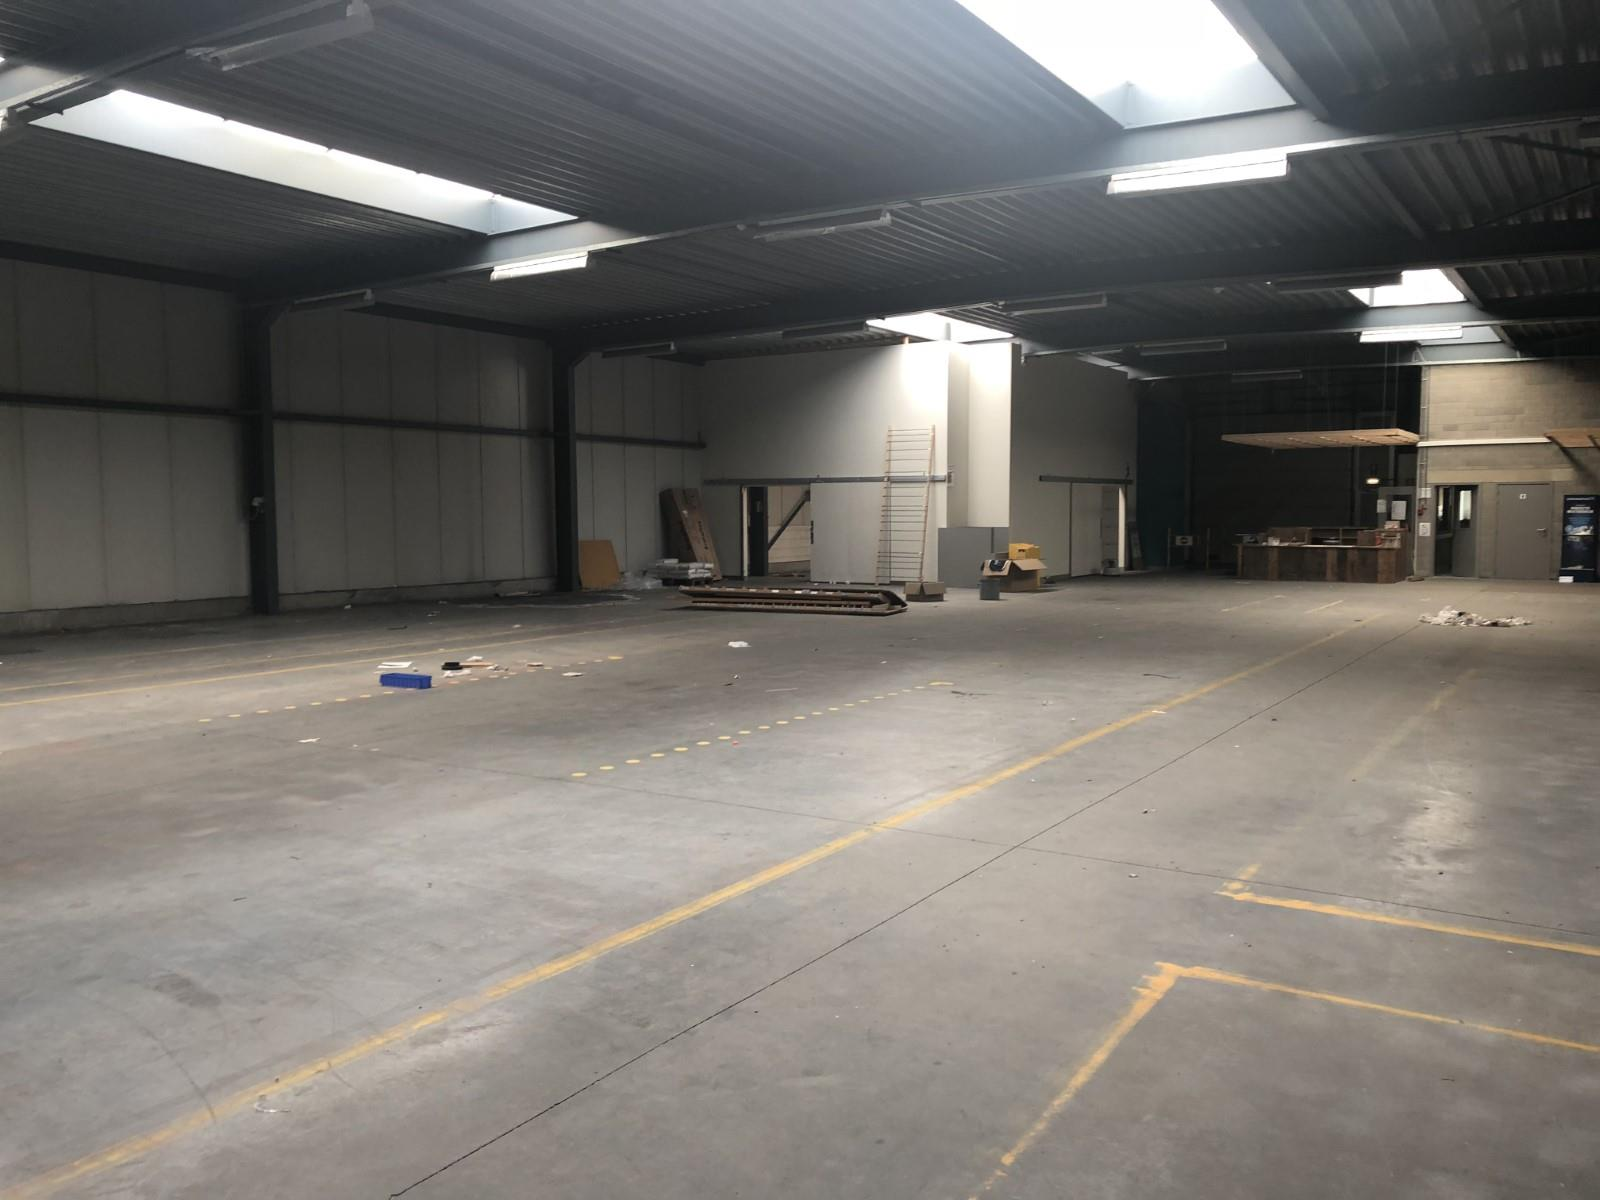 bedrijfsgebouw te huur I067TH - Zandvoortstraat 1, 2800 Mechelen, België 5